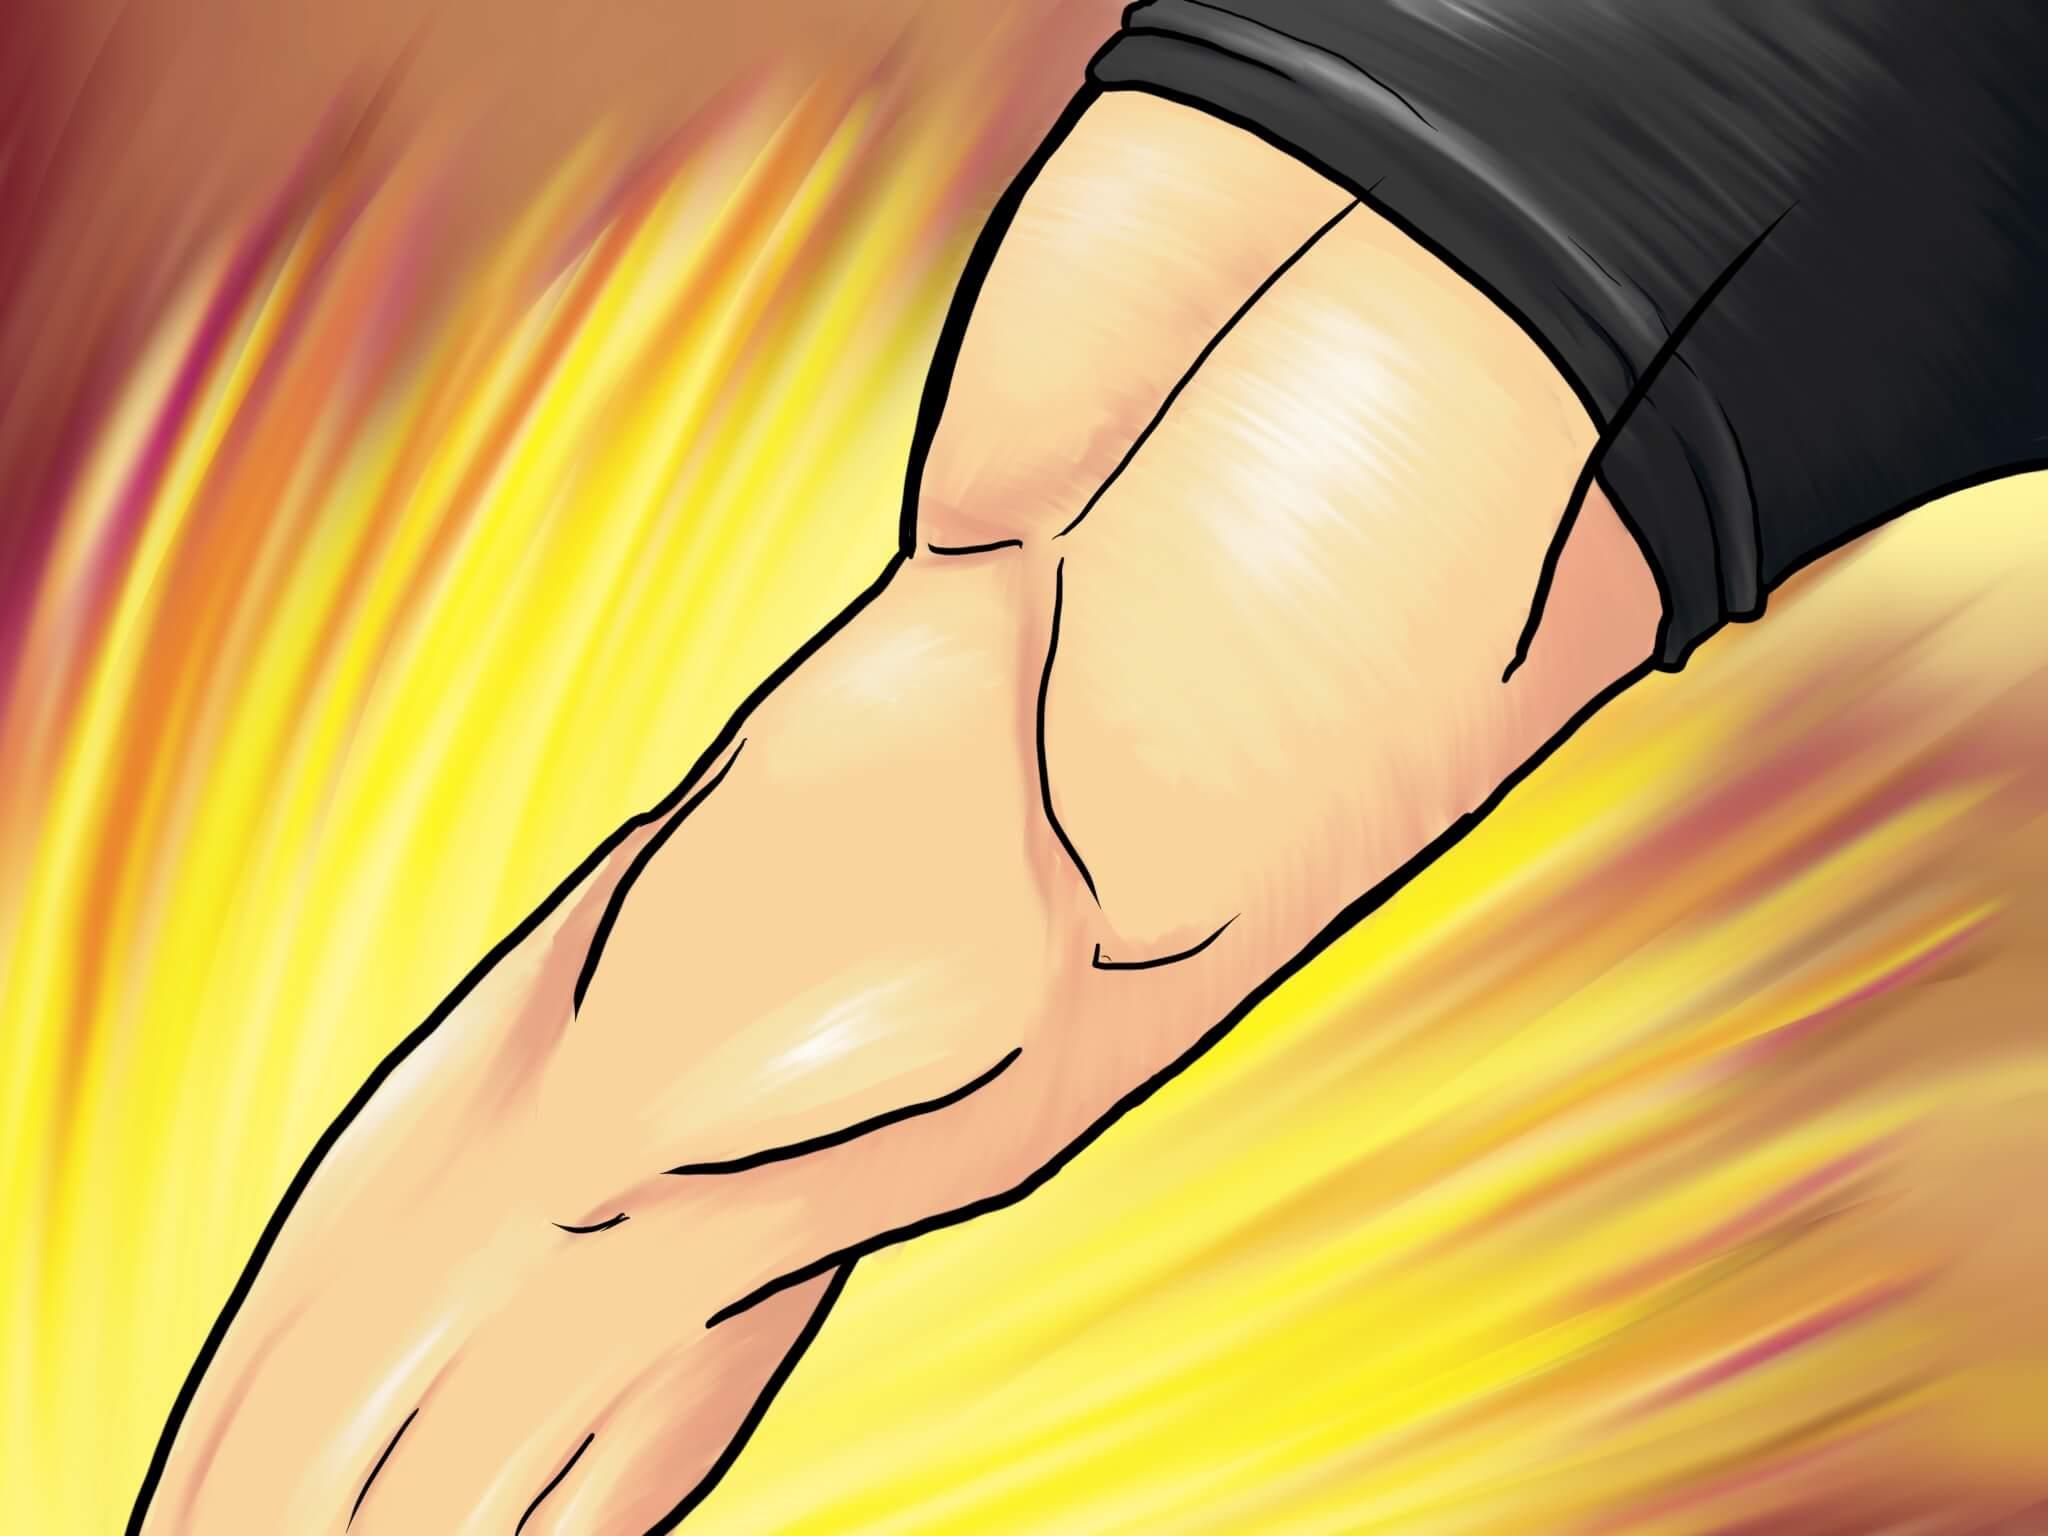 【徹底図解】スクワットで引締めと身体能力の真骨頂を手に入れる!